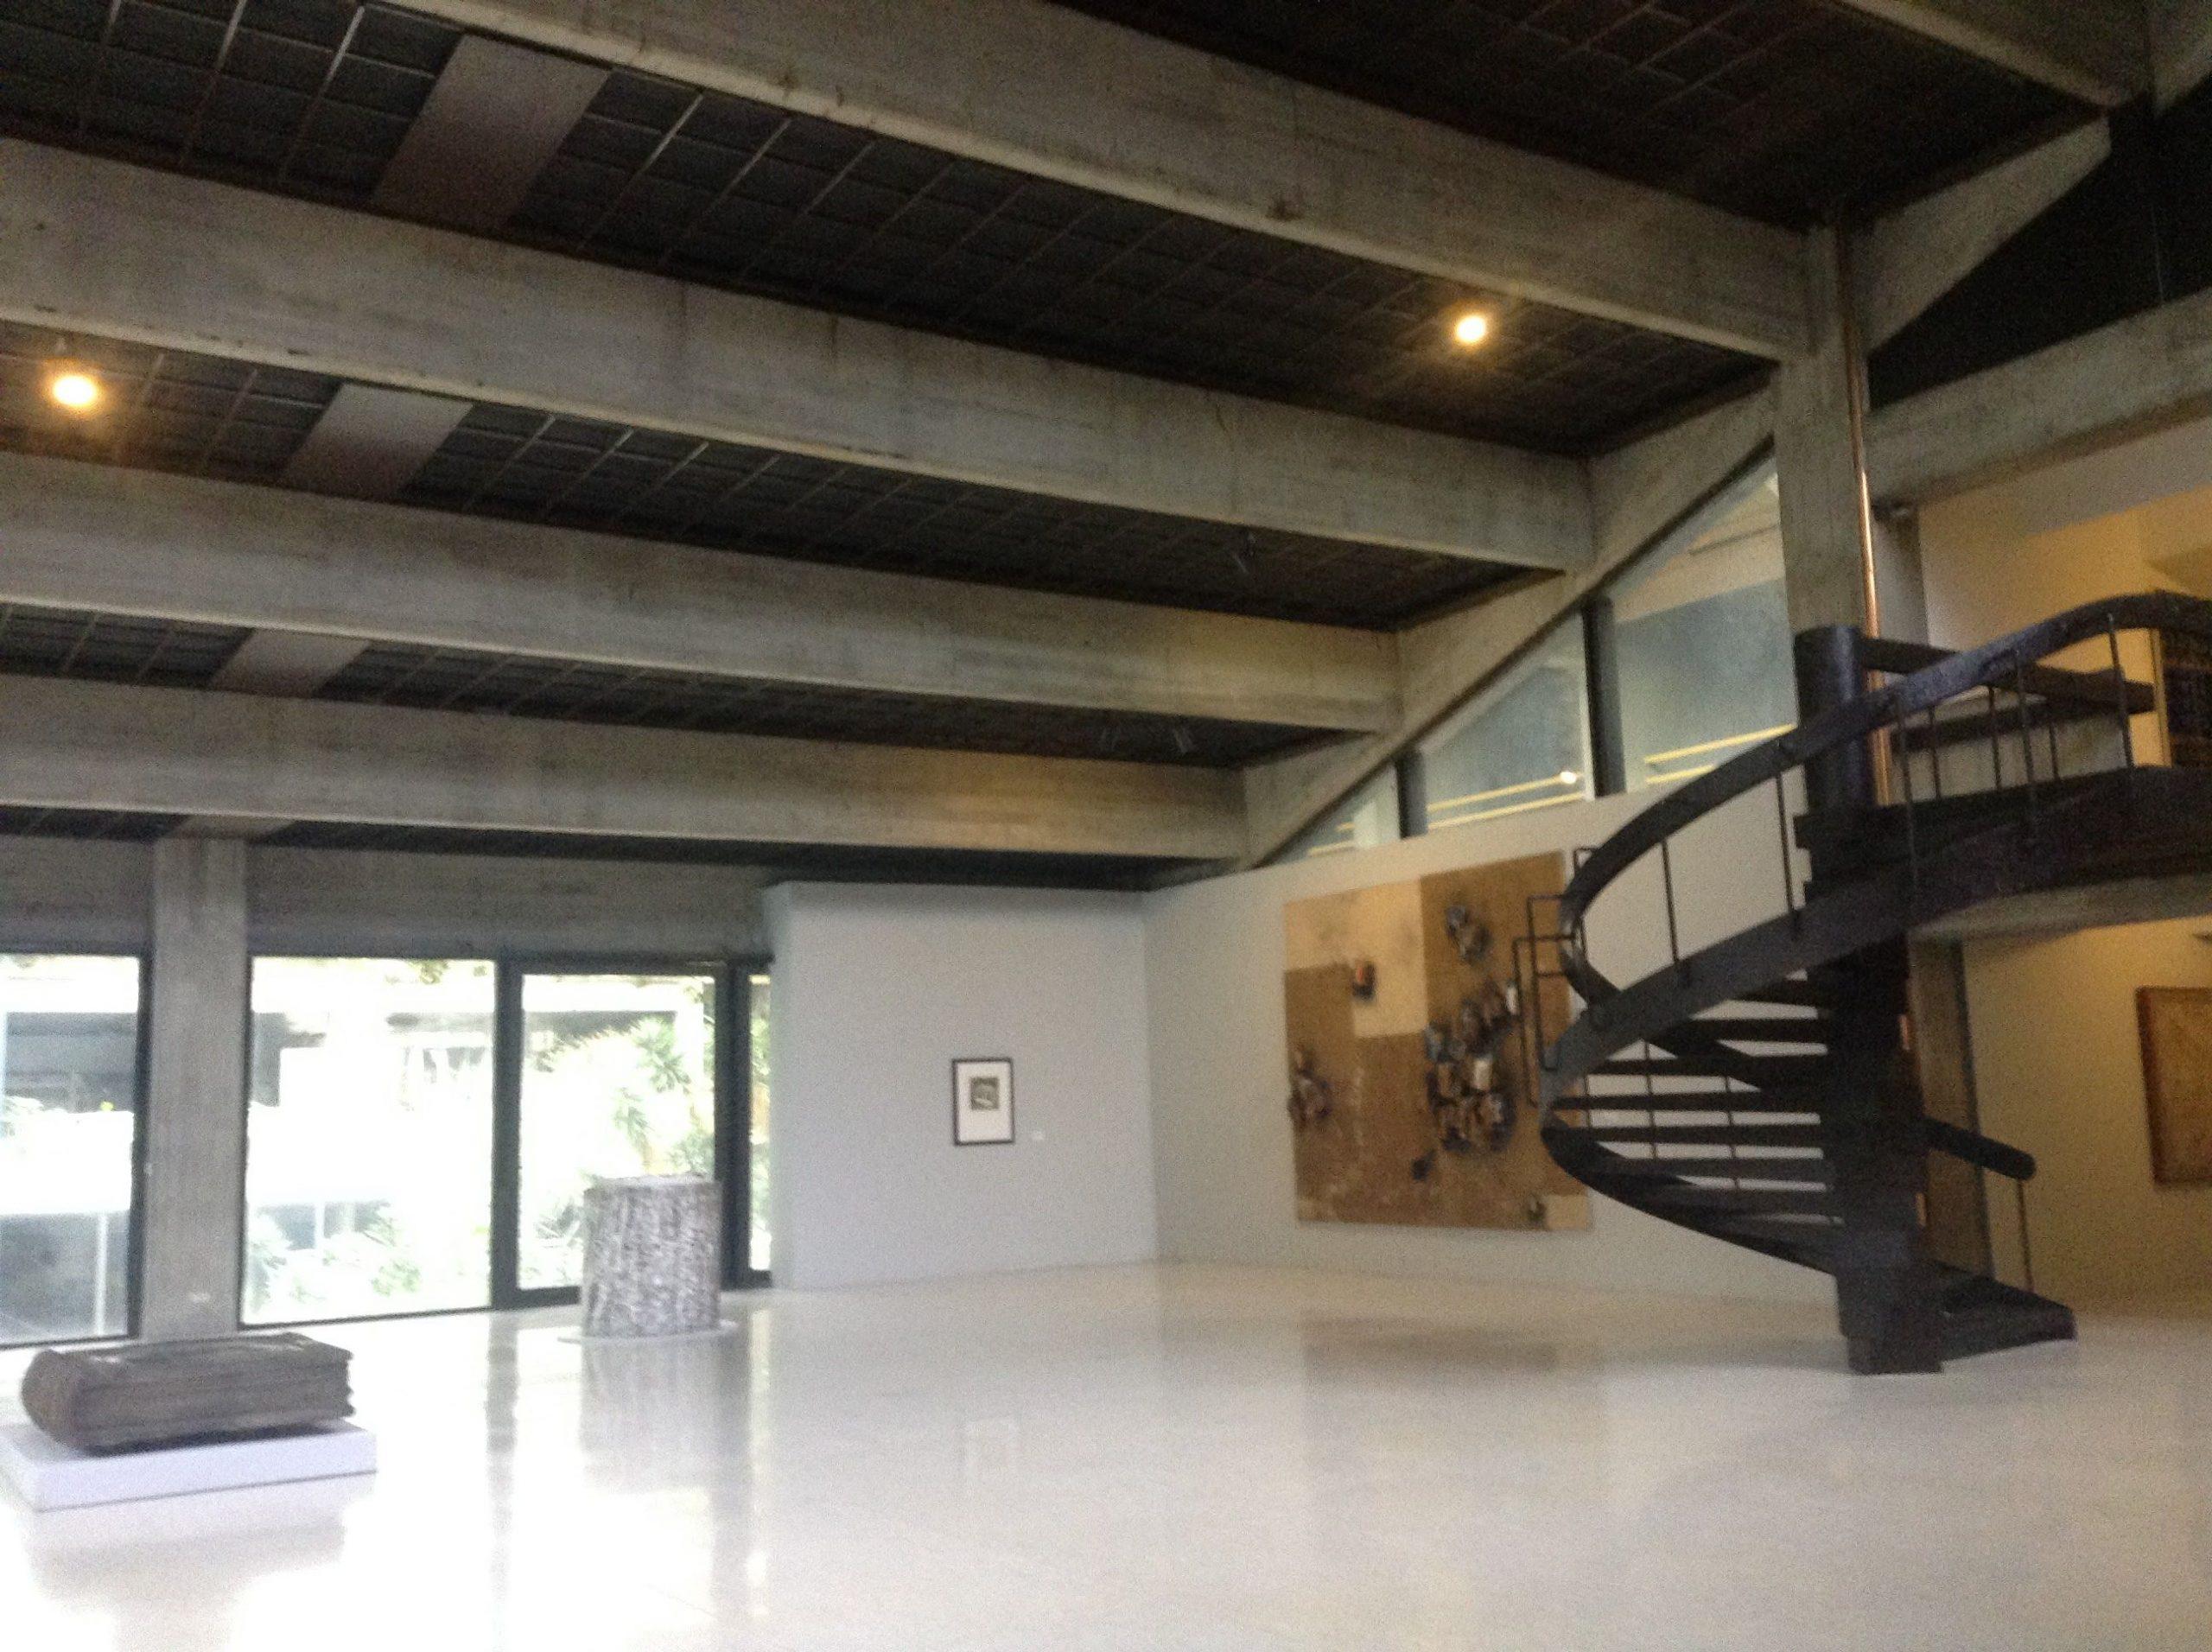 موزه هنرهای معاصر کاراکاس